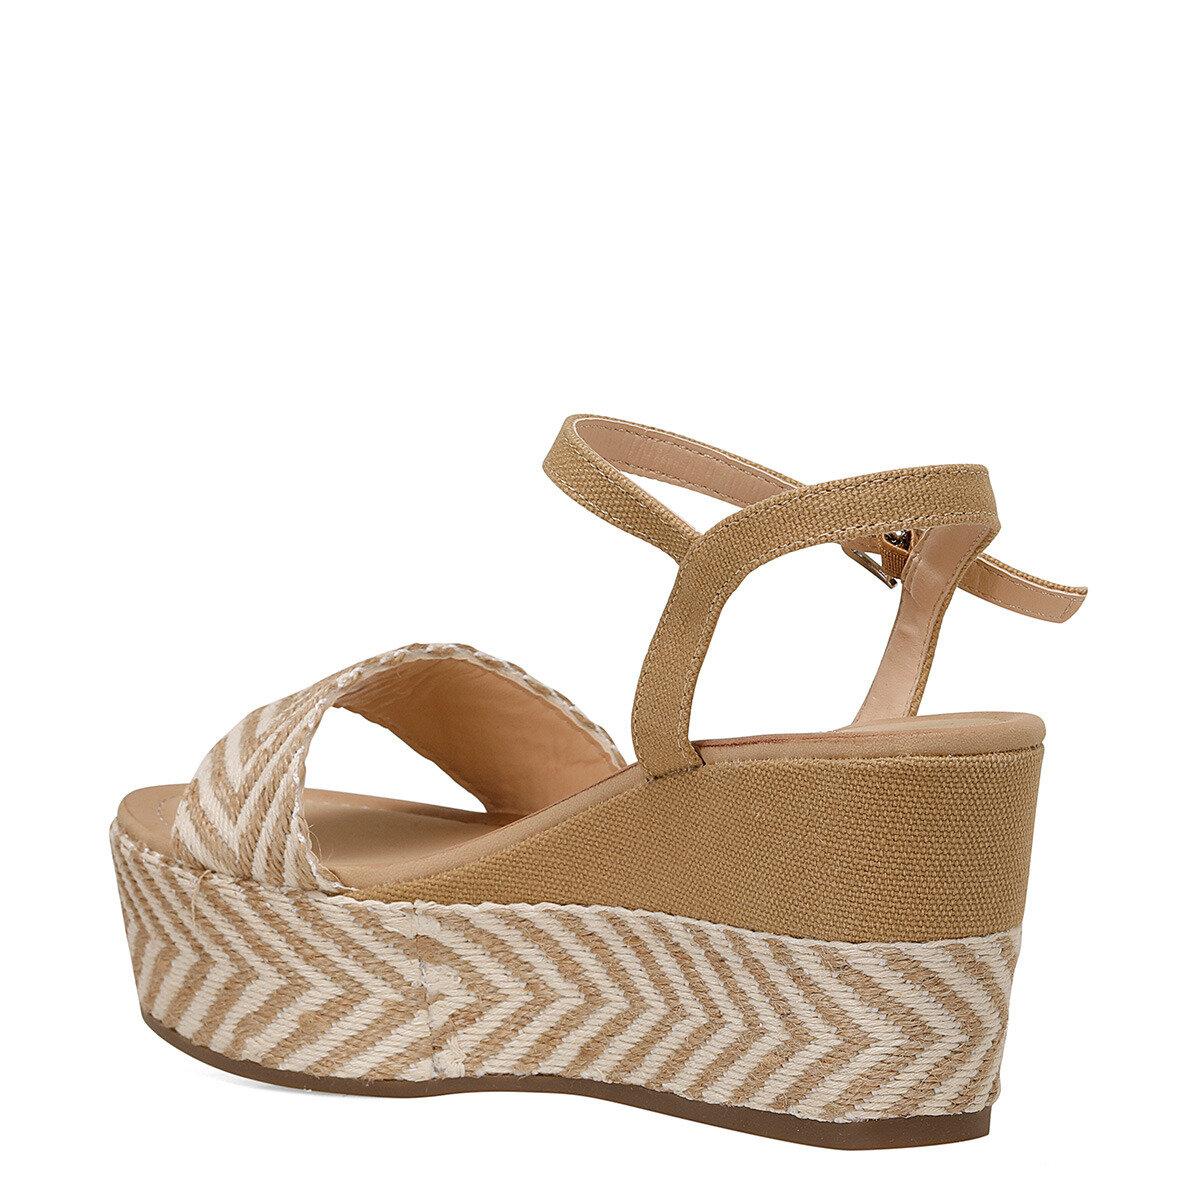 NORMA Haki Kadın Dolgu Topuklu Sandalet